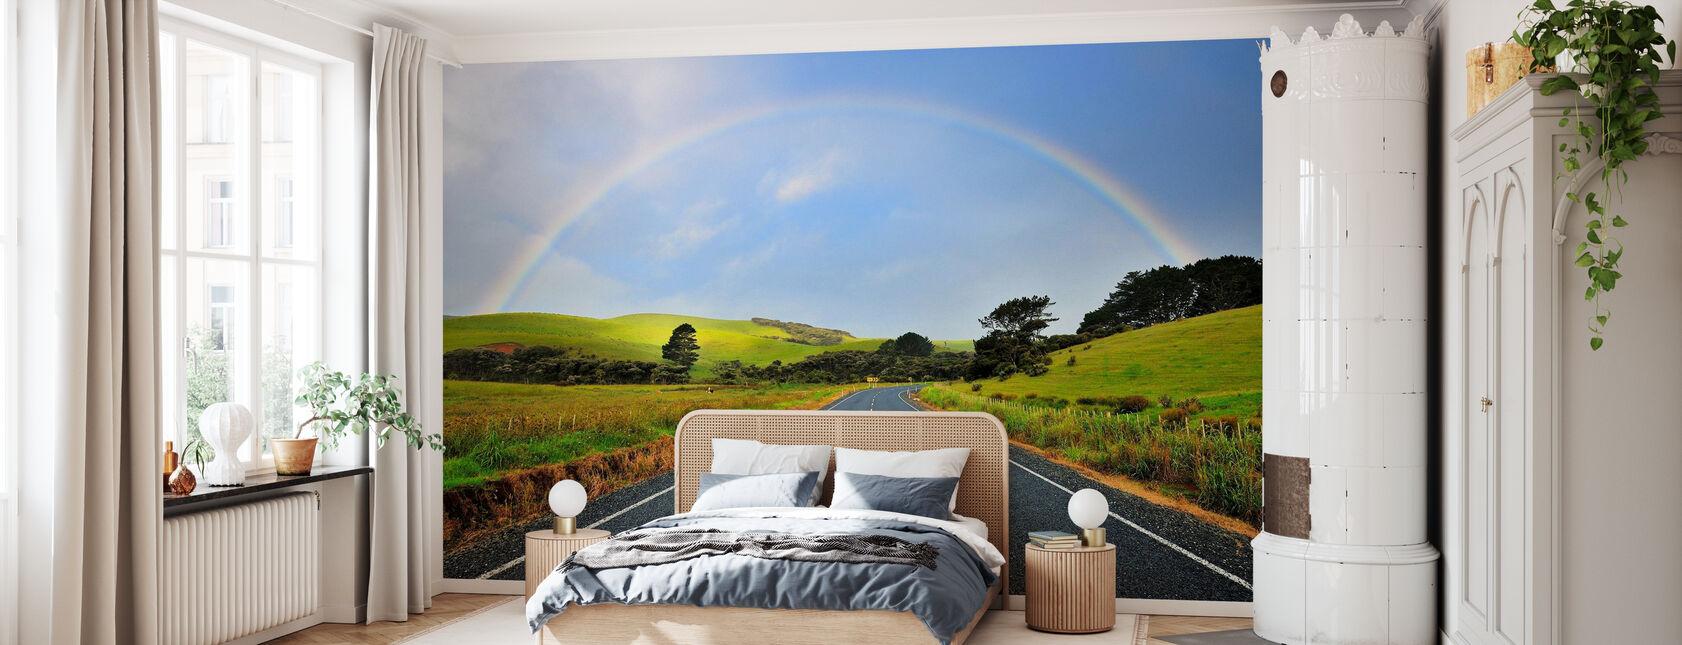 Rainbow Road - Tapet - Soveværelse